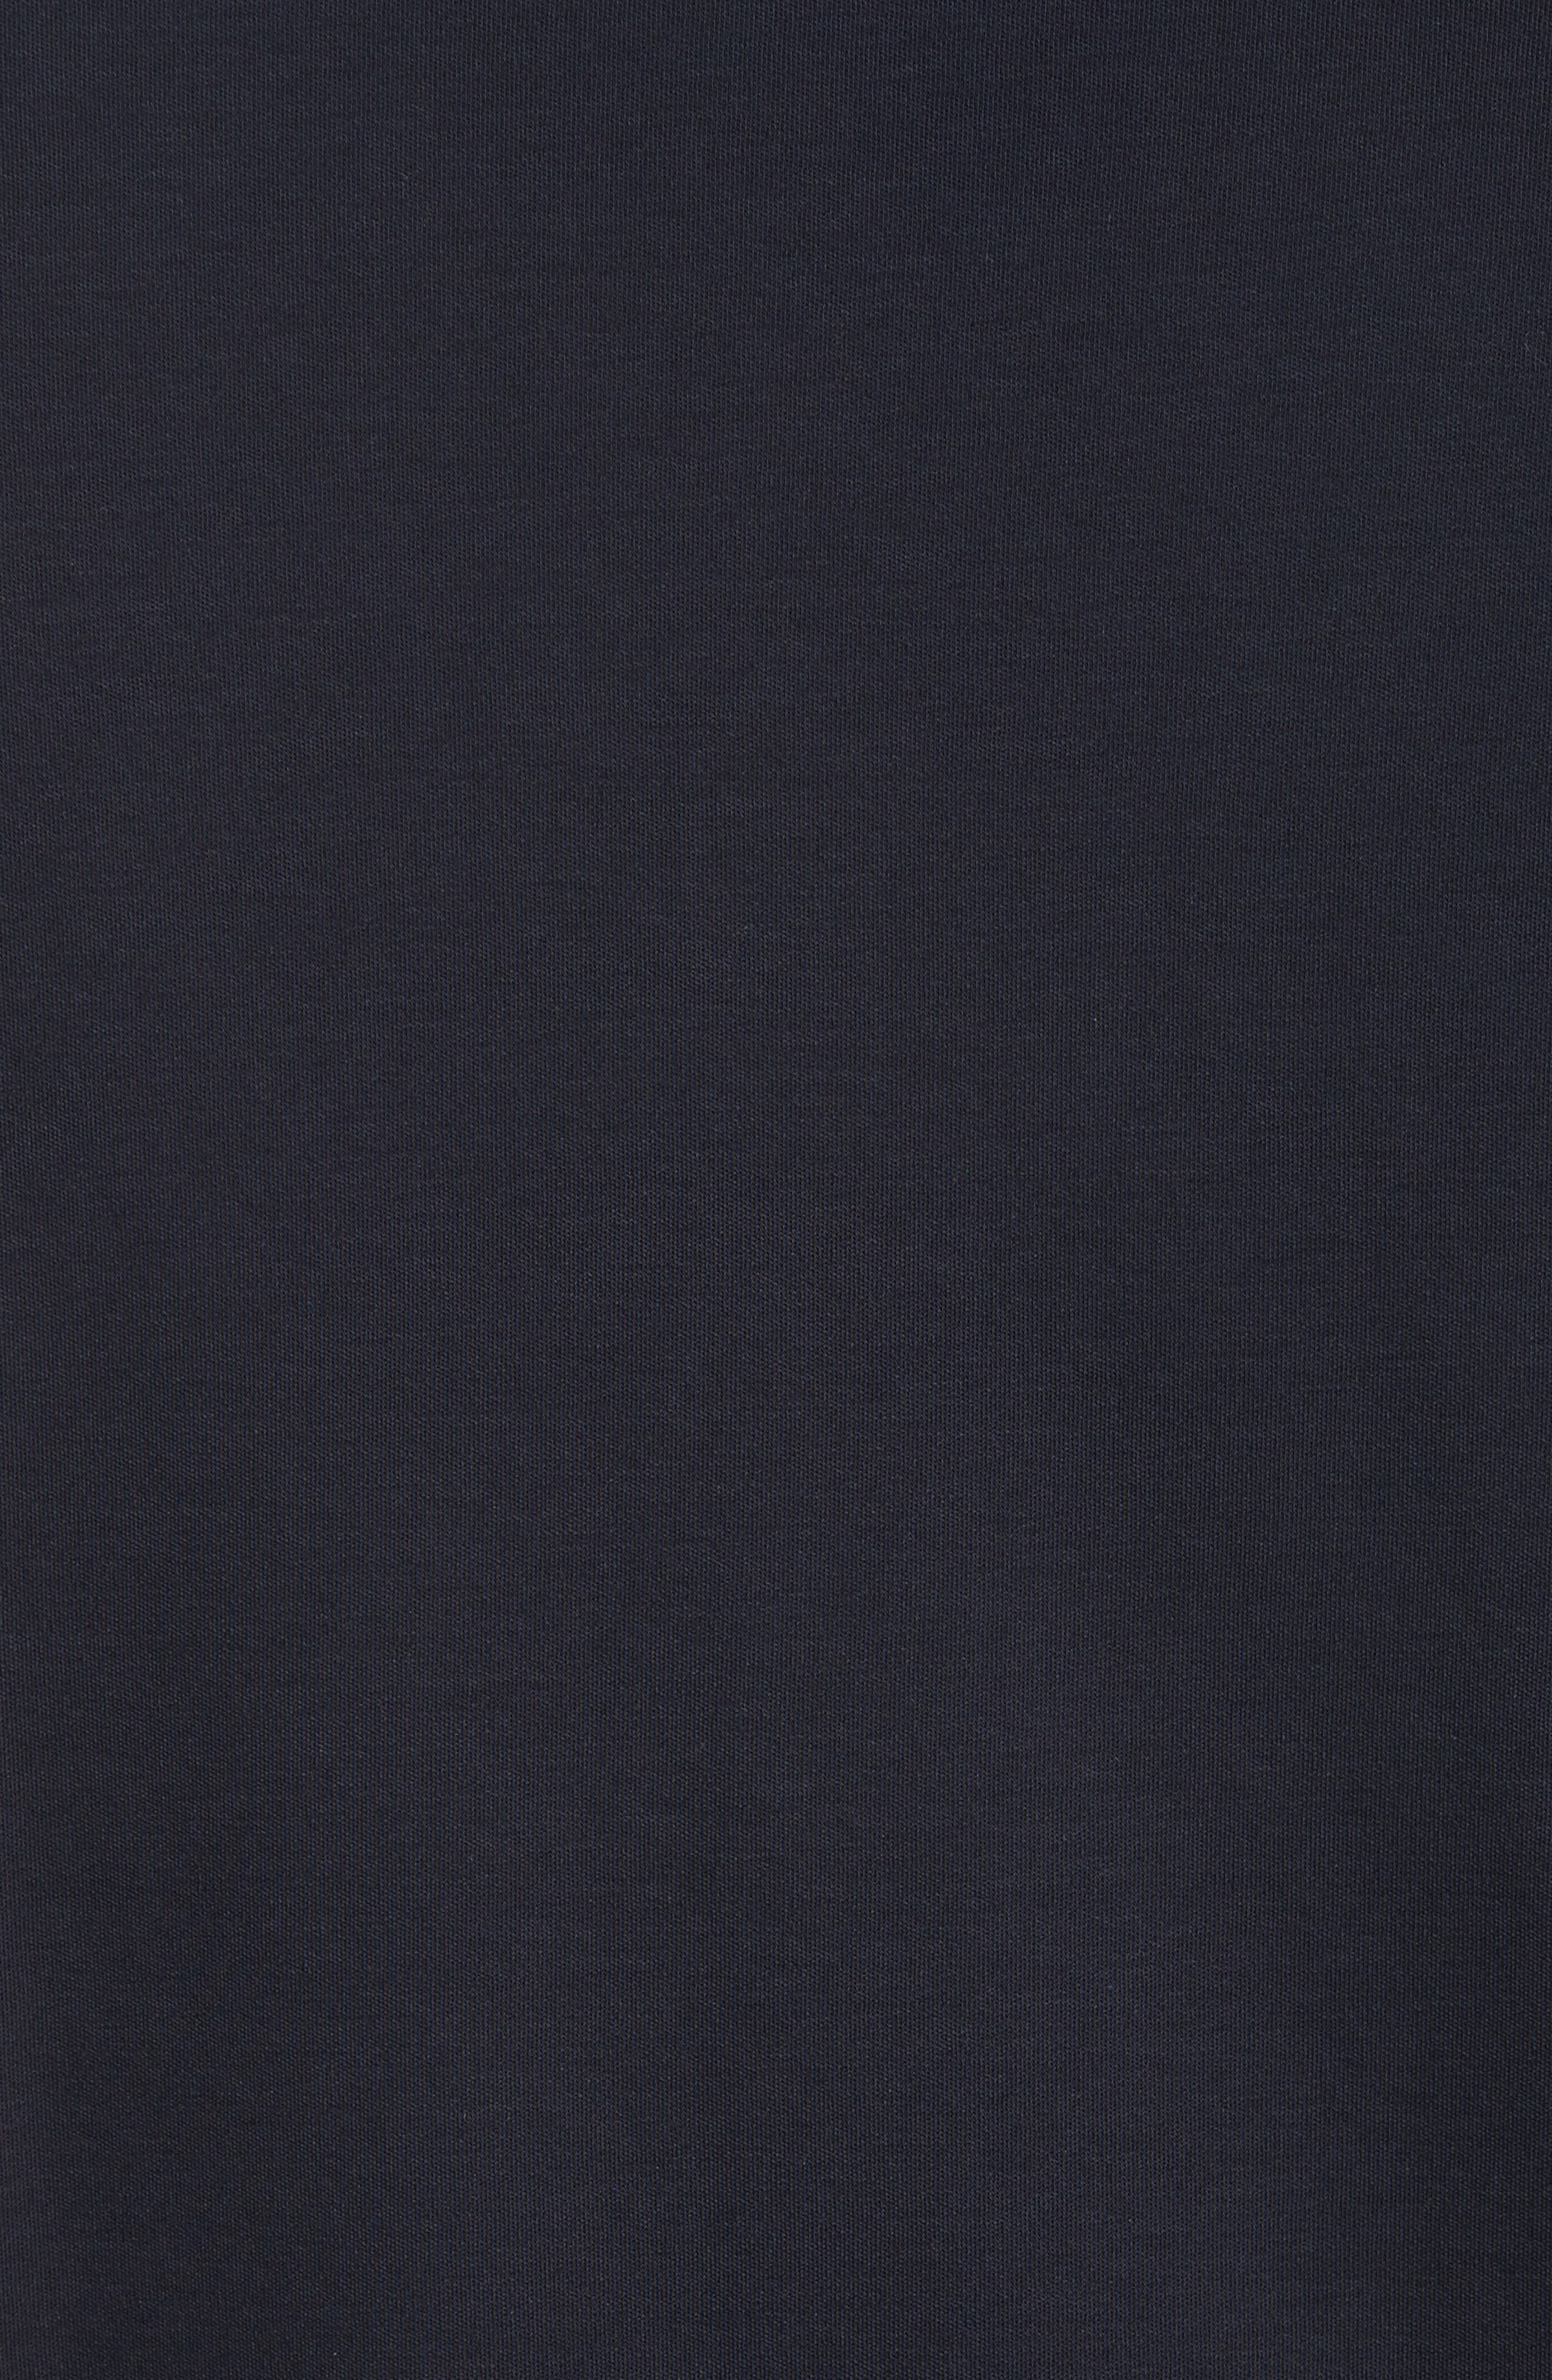 Slim Fit Cotton Knit Sport Shirt,                             Alternate thumbnail 5, color,                             Blue Navy